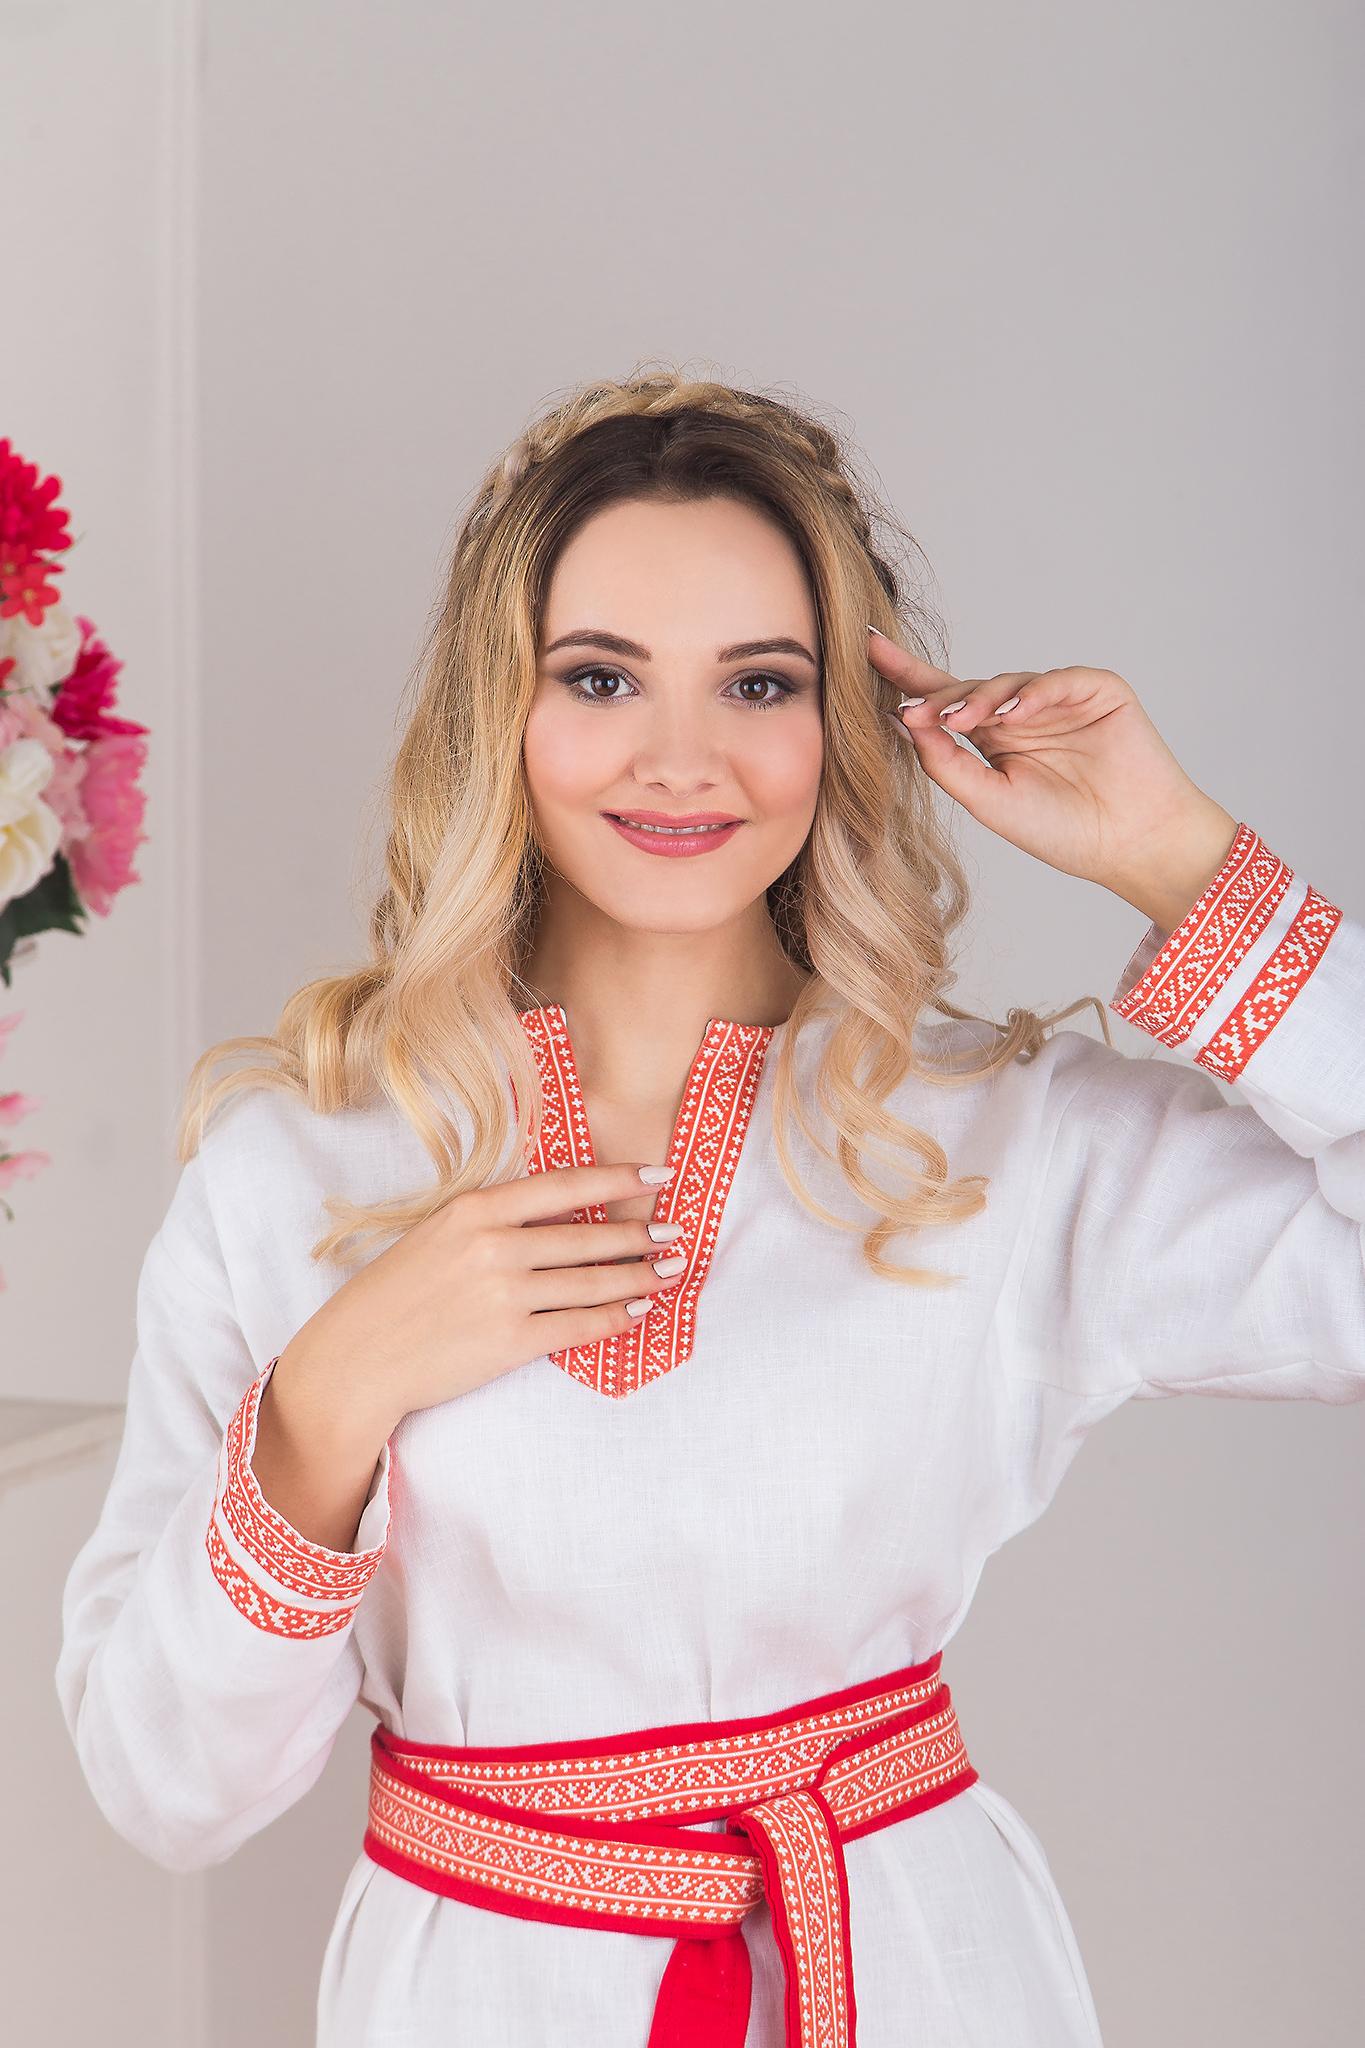 Увеличенный фрагмент славянской рубахи Верная. Славянская одежда в интернет магазине